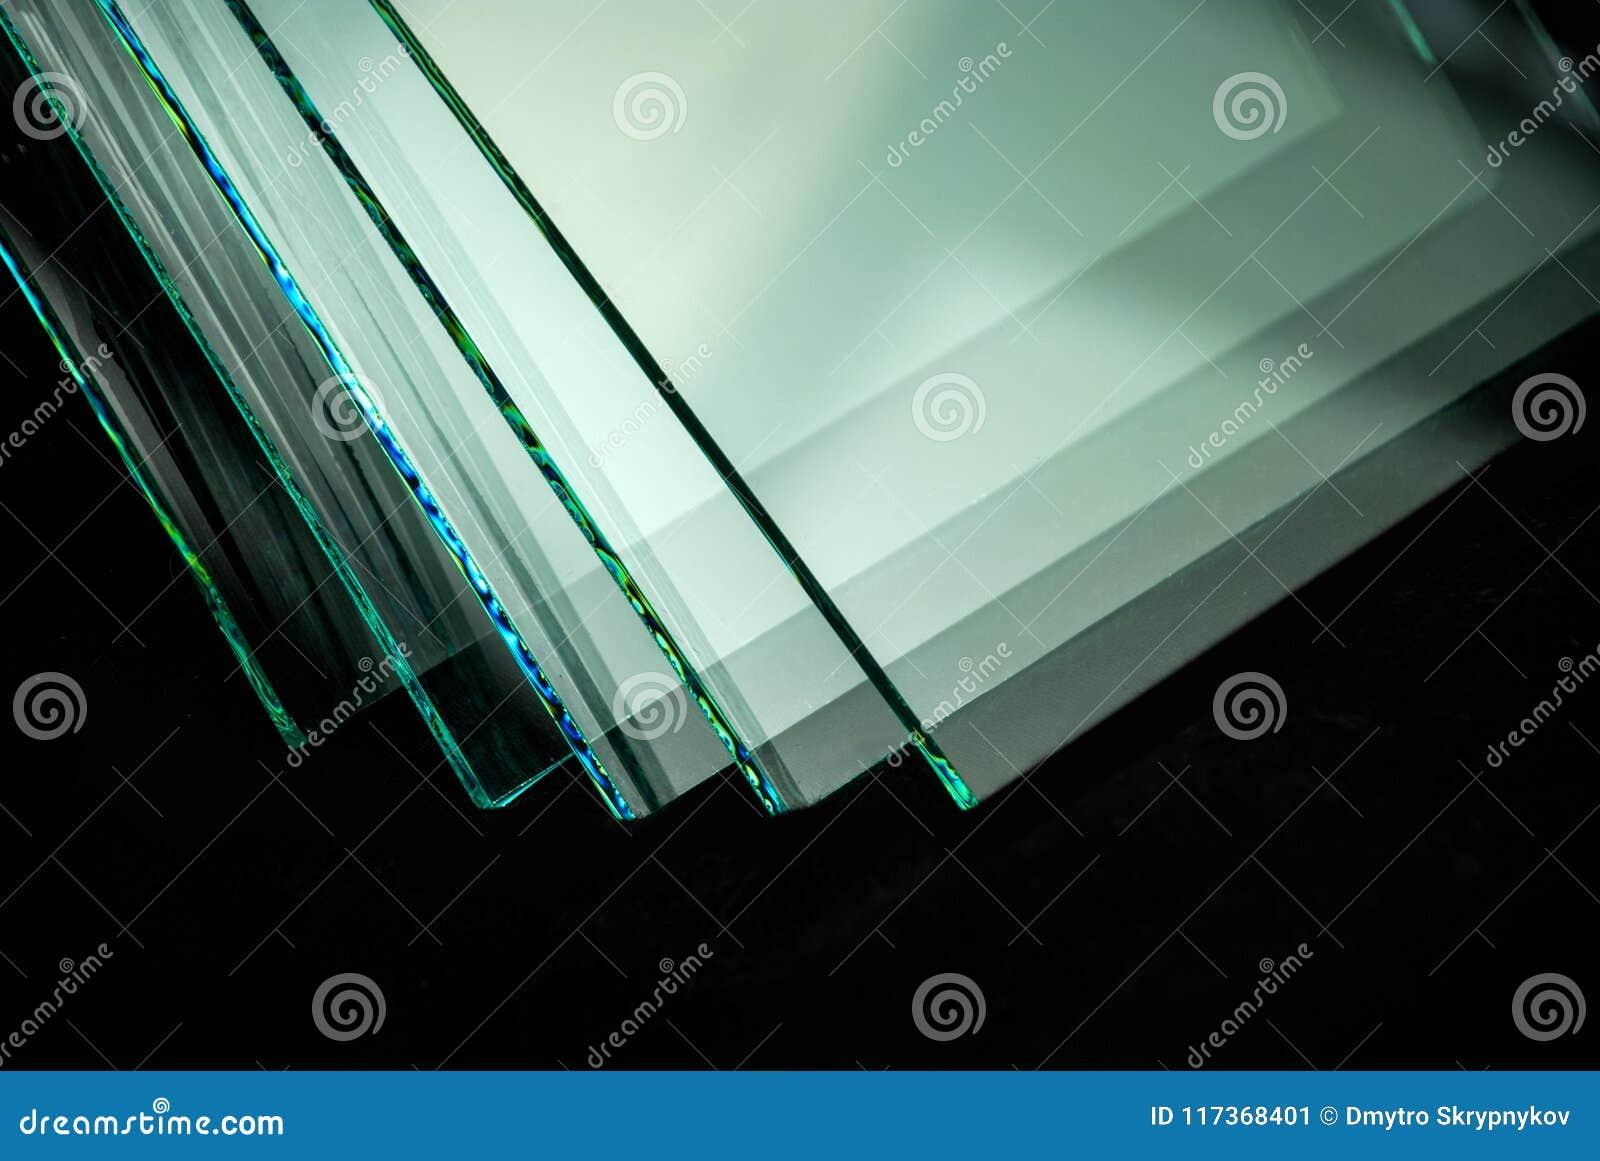 Prześcieradła Fabryczna produkcja hartujący jaśni pływakowego szkła panel ciący sortować